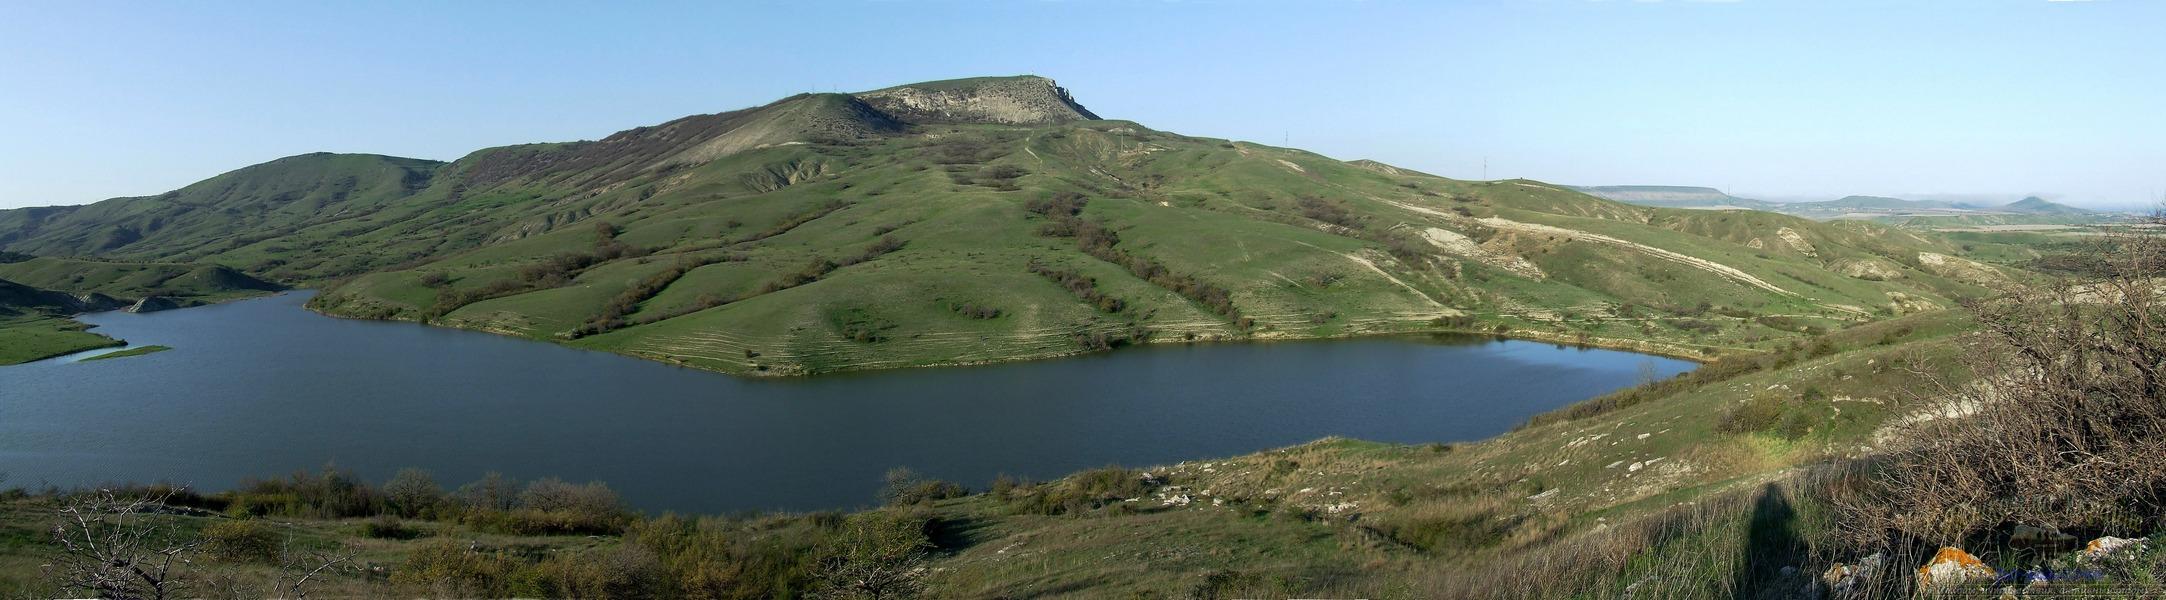 Озеро под горой Коклюк